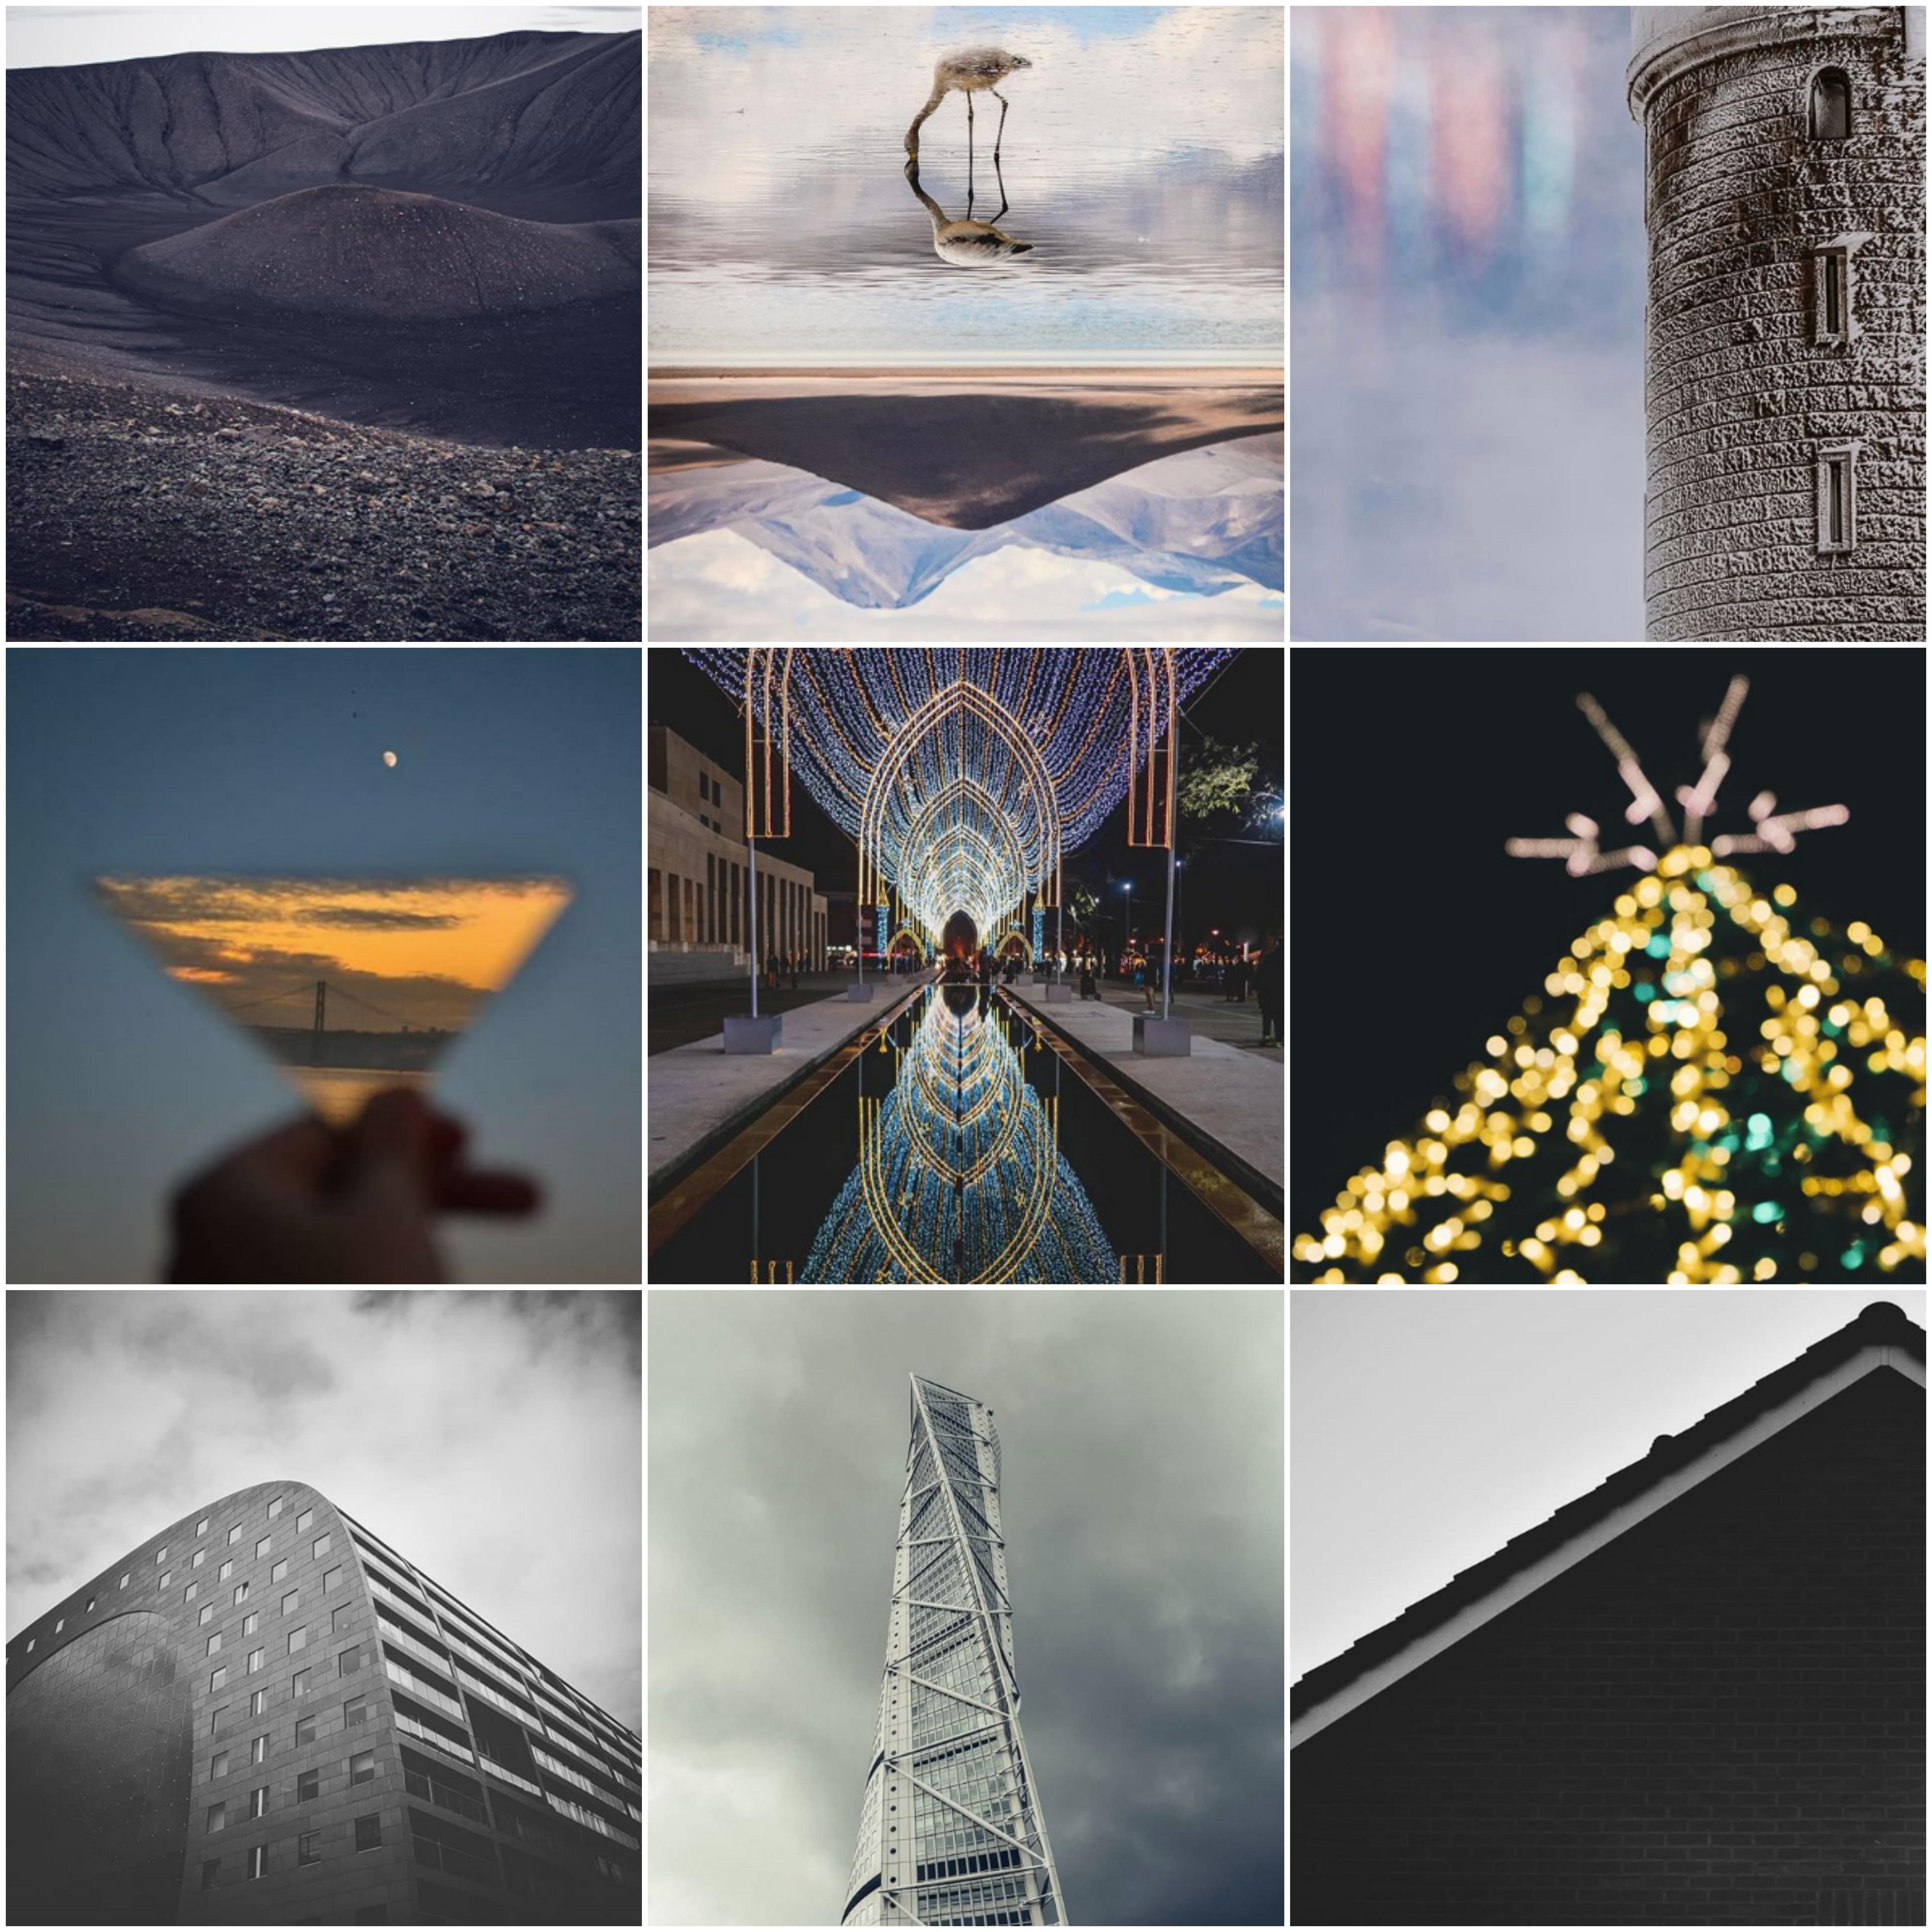 Viagens de Instagram: há sempre uma forma de diferente de ver o mundo